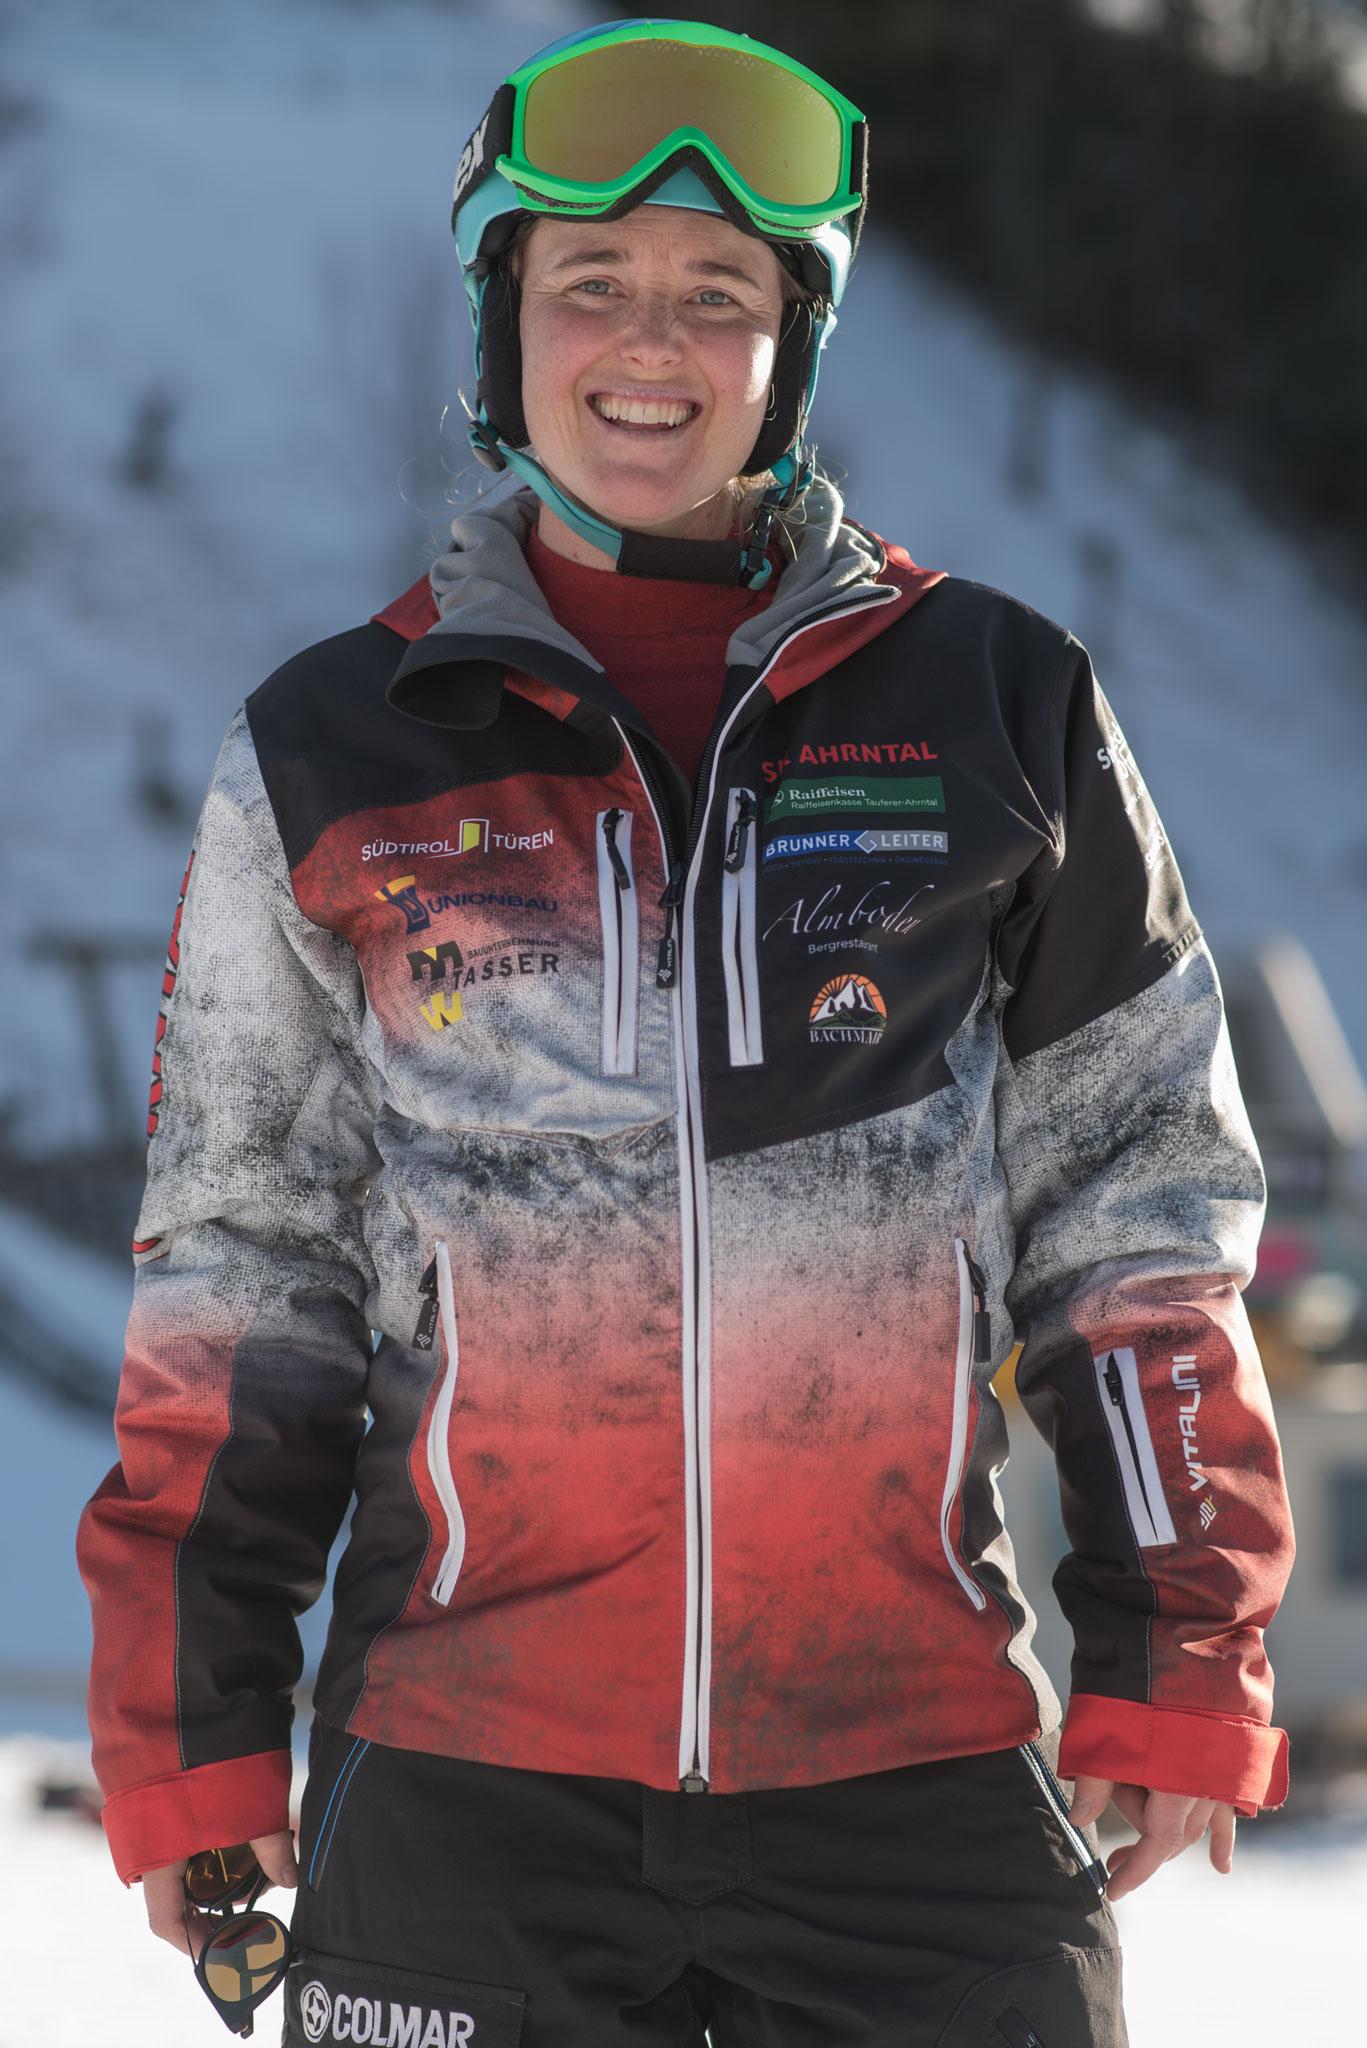 Isabelle Frisch